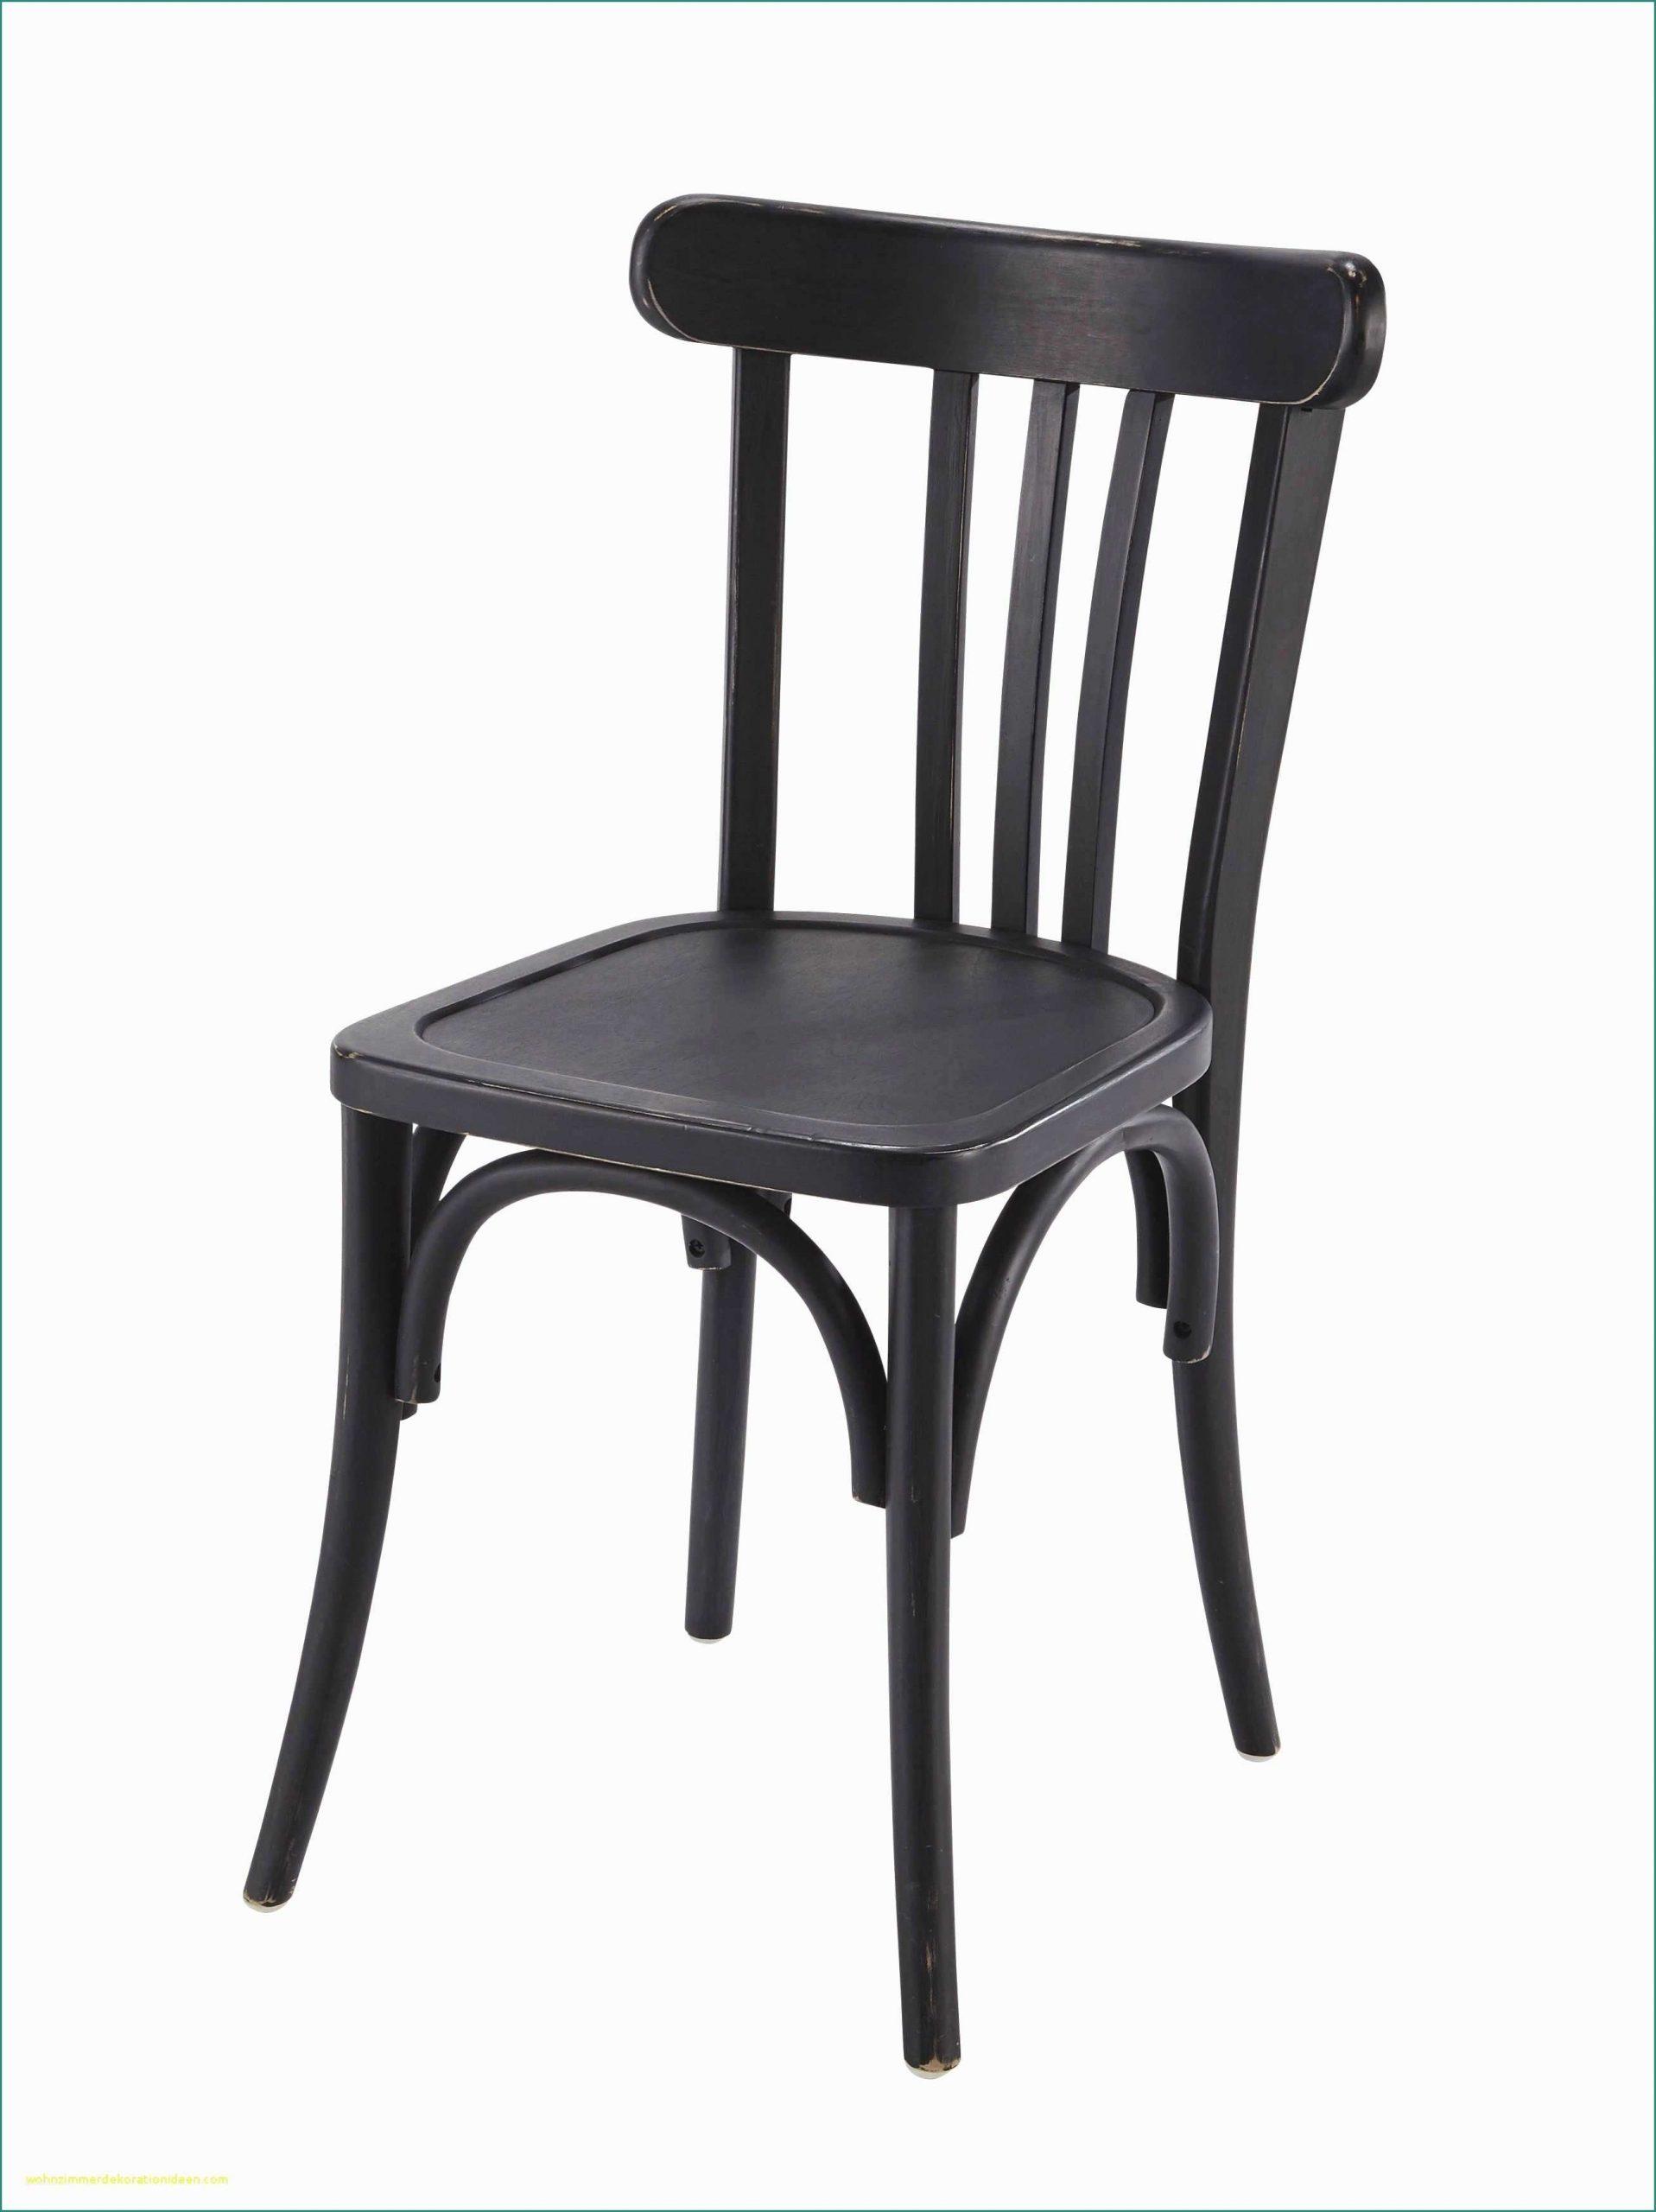 Full Size of Liegestuhl Ikea Seergonomiche E Barhocker Und Andere Hocker Von Moerteens Garten Küche Kosten Betten Bei 160x200 Miniküche Modulküche Kaufen Sofa Mit Wohnzimmer Liegestuhl Ikea